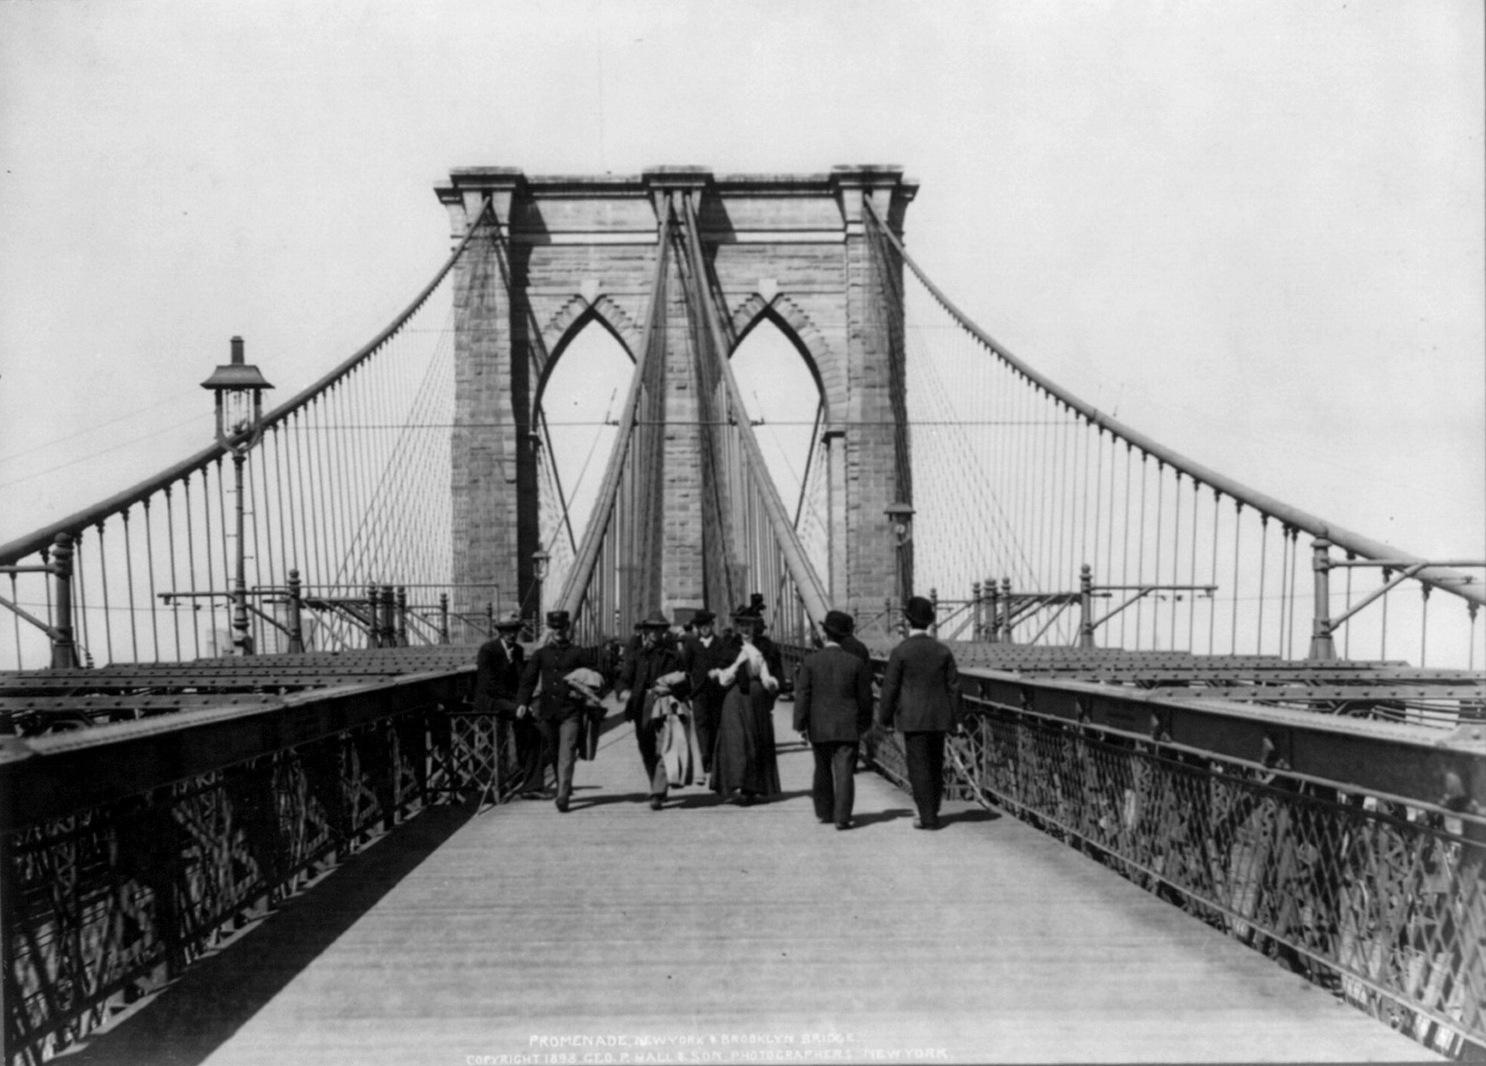 Puente de Brooklyn Nueva York